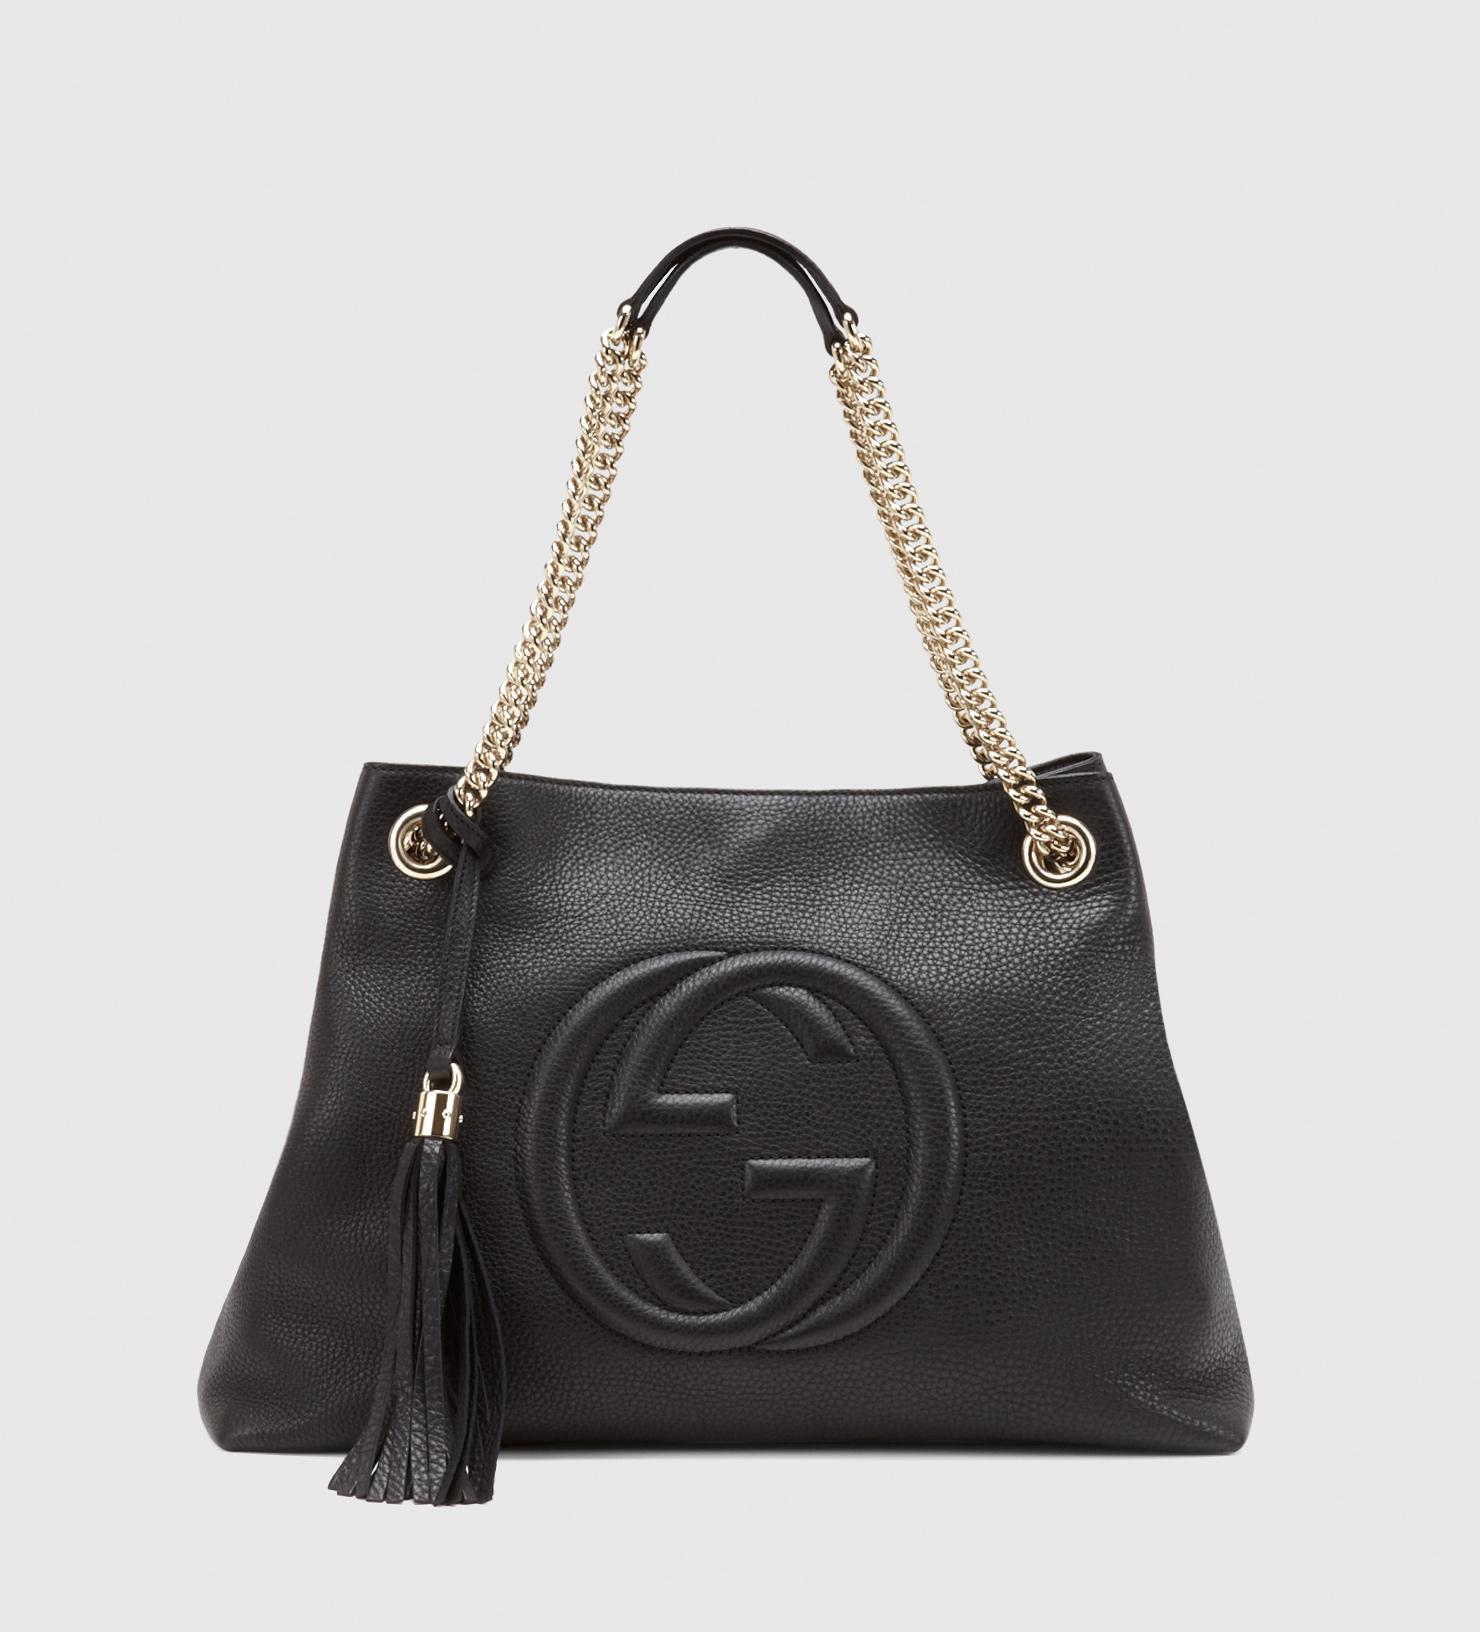 gucci soho leather shoulder bag in black